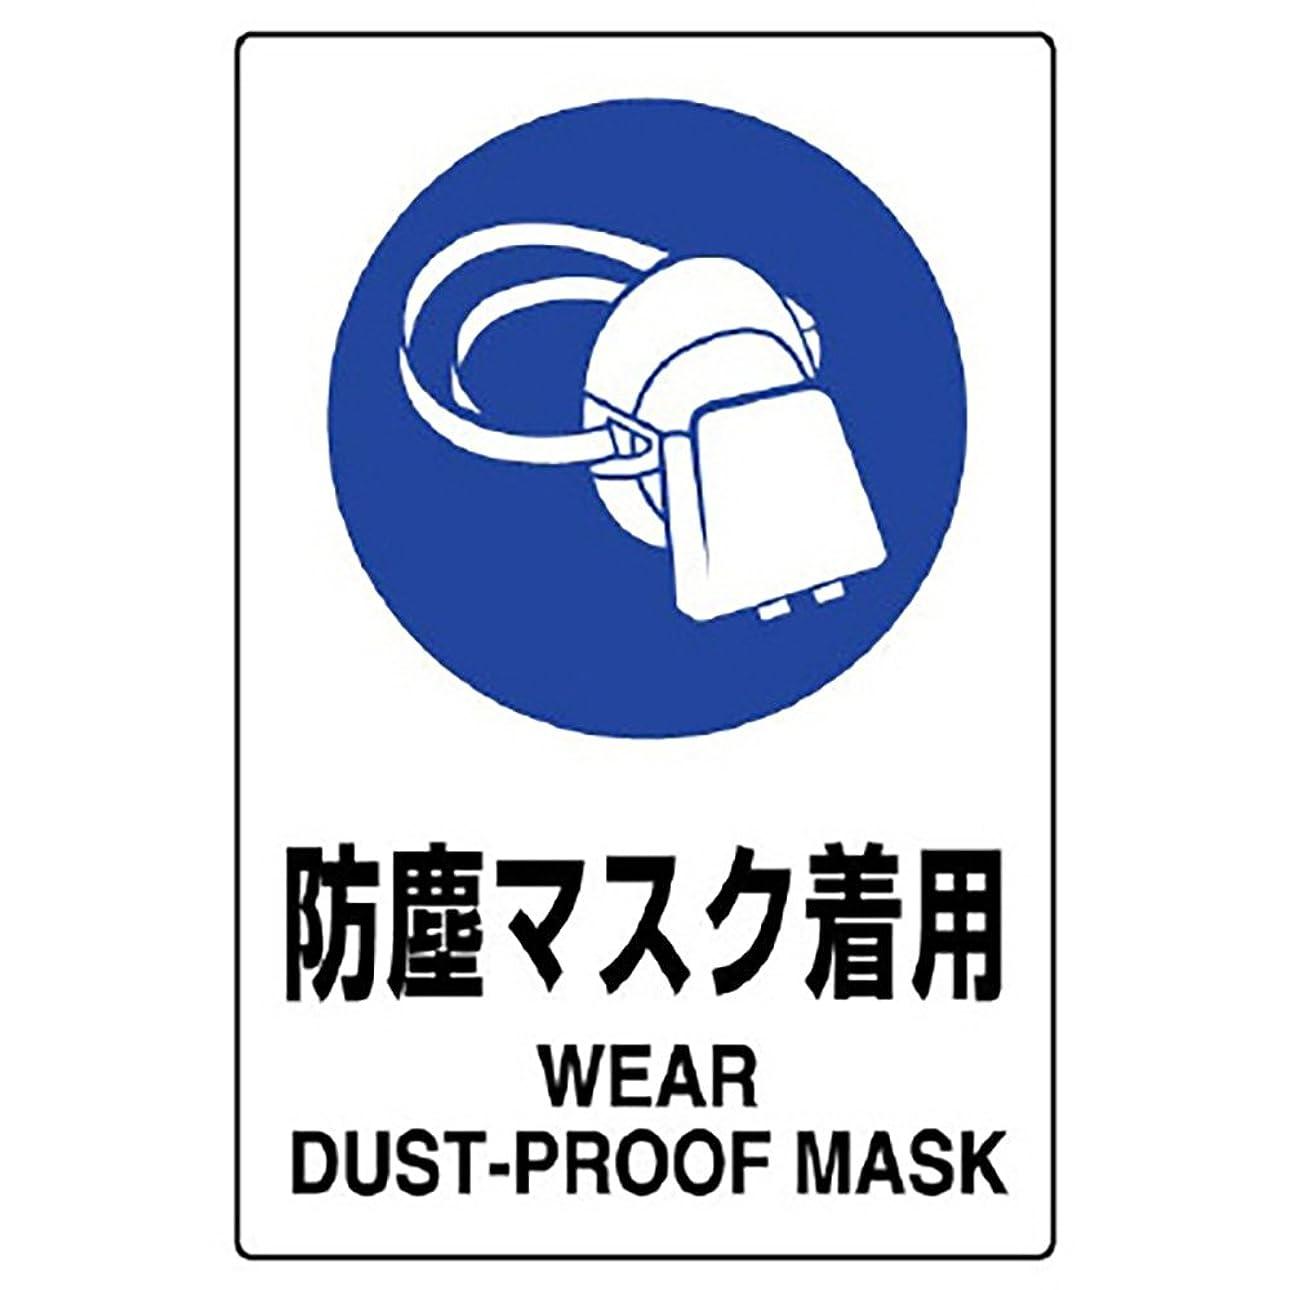 ユニット JIS規格標識 防塵マスク着用?エコユニボード?450X300 802-631 [A061701]